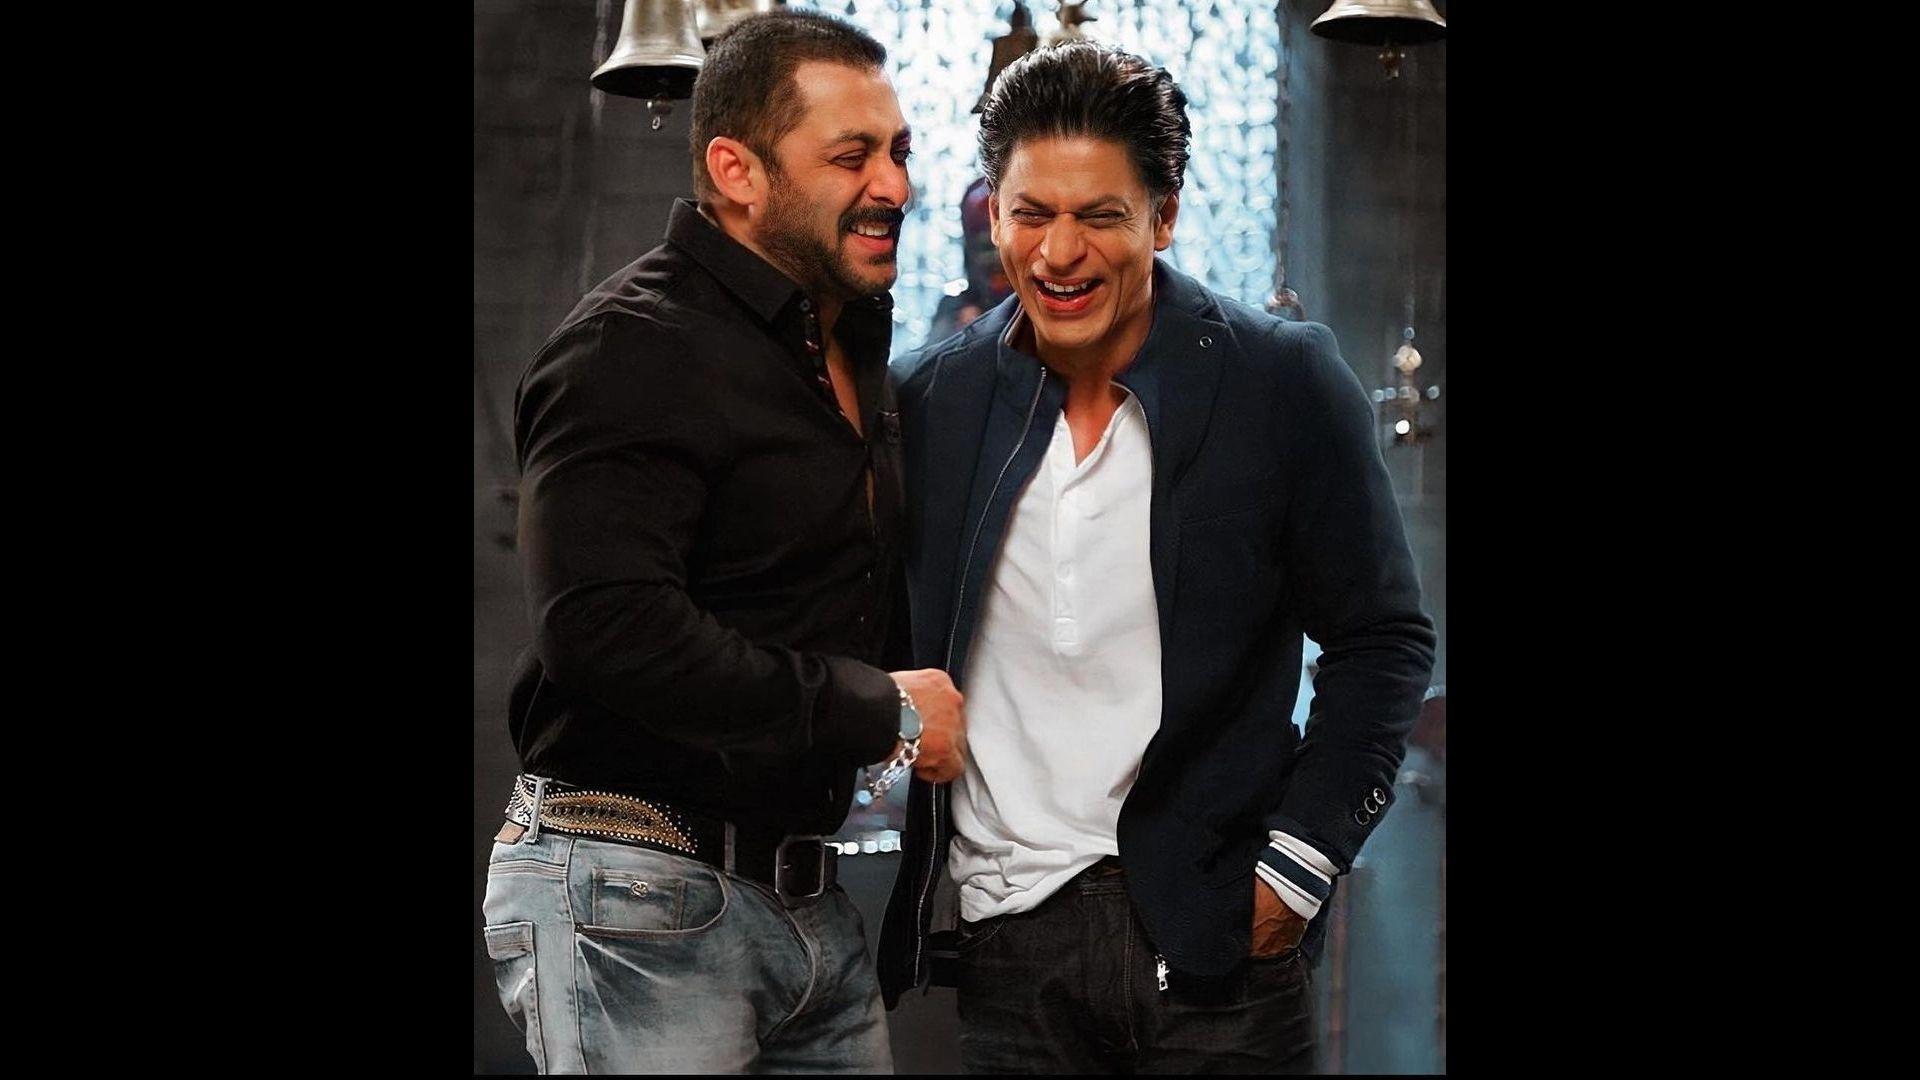 Salman Khan And Shah Rukh Khan's Bond Strengthens Amid Aryan Khan's Arrest – Deets Inside